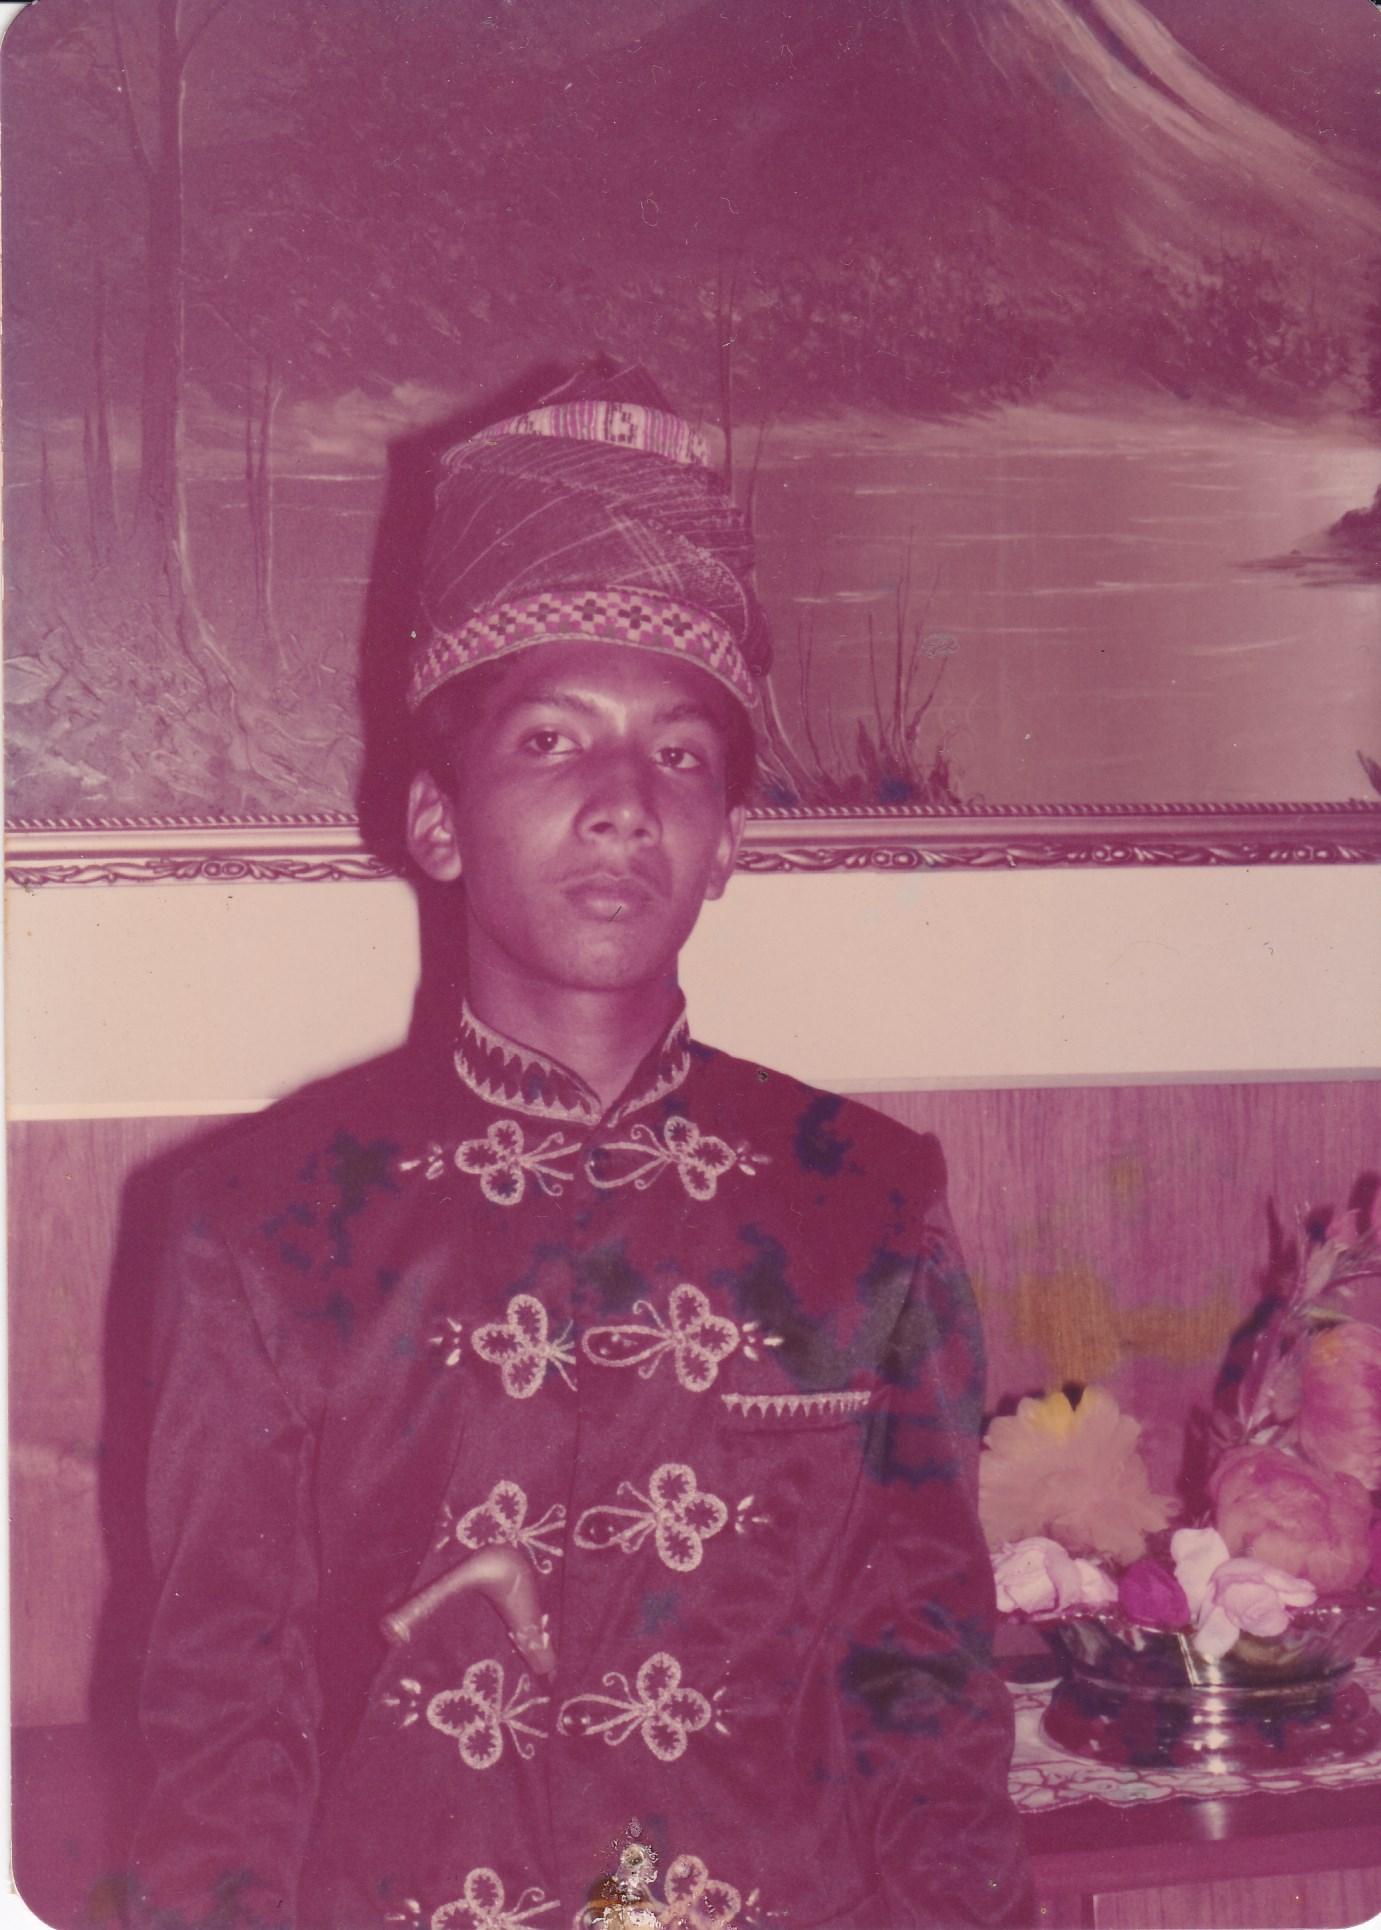 """(Keterangan Photo: """"Penulis: saat berusia 17 tahun tanggal 19 Desember 1978 itu,  ikut menyambut kedatangan Presiden Soeharto di Lhokseumawe, Aceh. Bercak di photo ini menunjukkan, memang ini kisah lama, sudah 38 tahun yang lalu...yang ditulis terinspirasi dari Album lama yang teronggok di sudut lemari pustaka pribadi di rumah...Dalam photo ini, gagang Rencong di pinggang kiri yang menyembul, tampak unik, dan menjadi cerita masa lalu tersendiri ... / Photo by: Surya Sutrisno)"""")"""